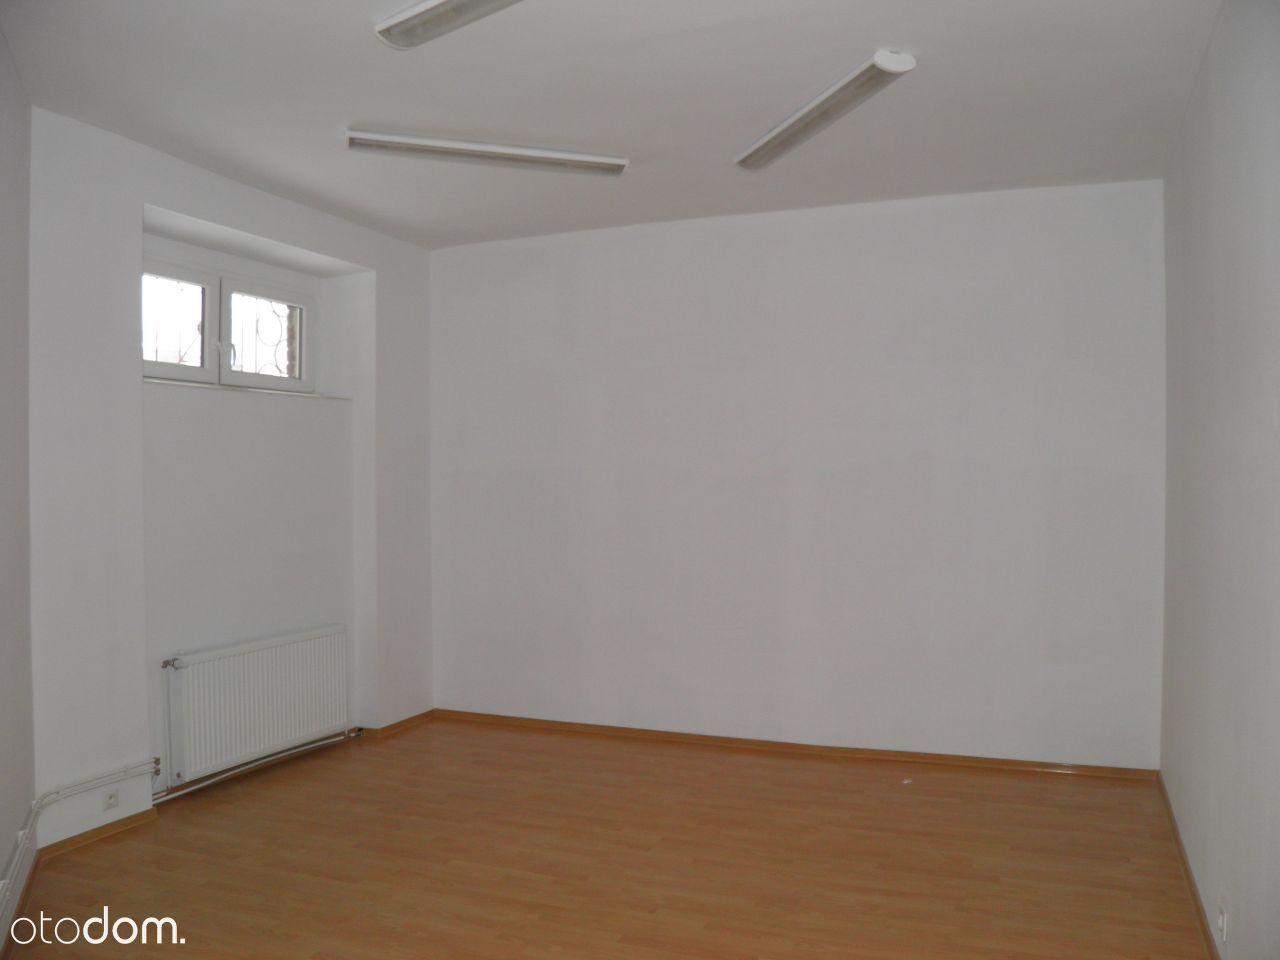 Lokal użytkowy na sprzedaż, Bytom, śląskie - Foto 2